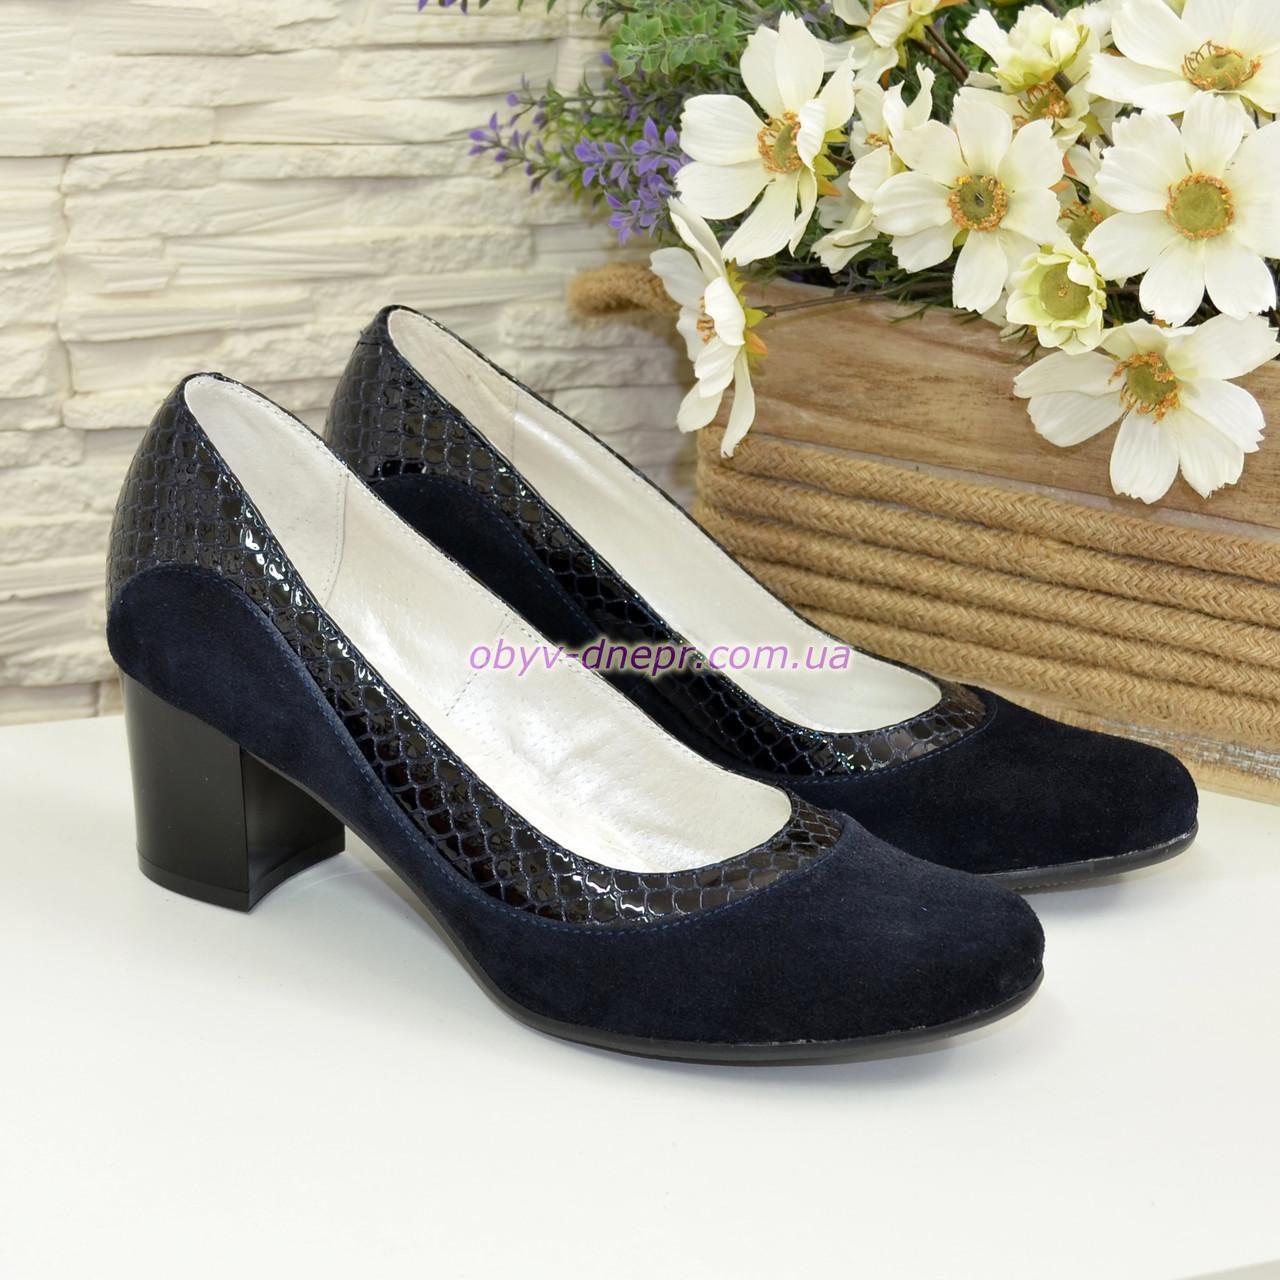 Женские классические синие туфли на невысоком устойчивом каблуке, натуральные замша и кожа питон